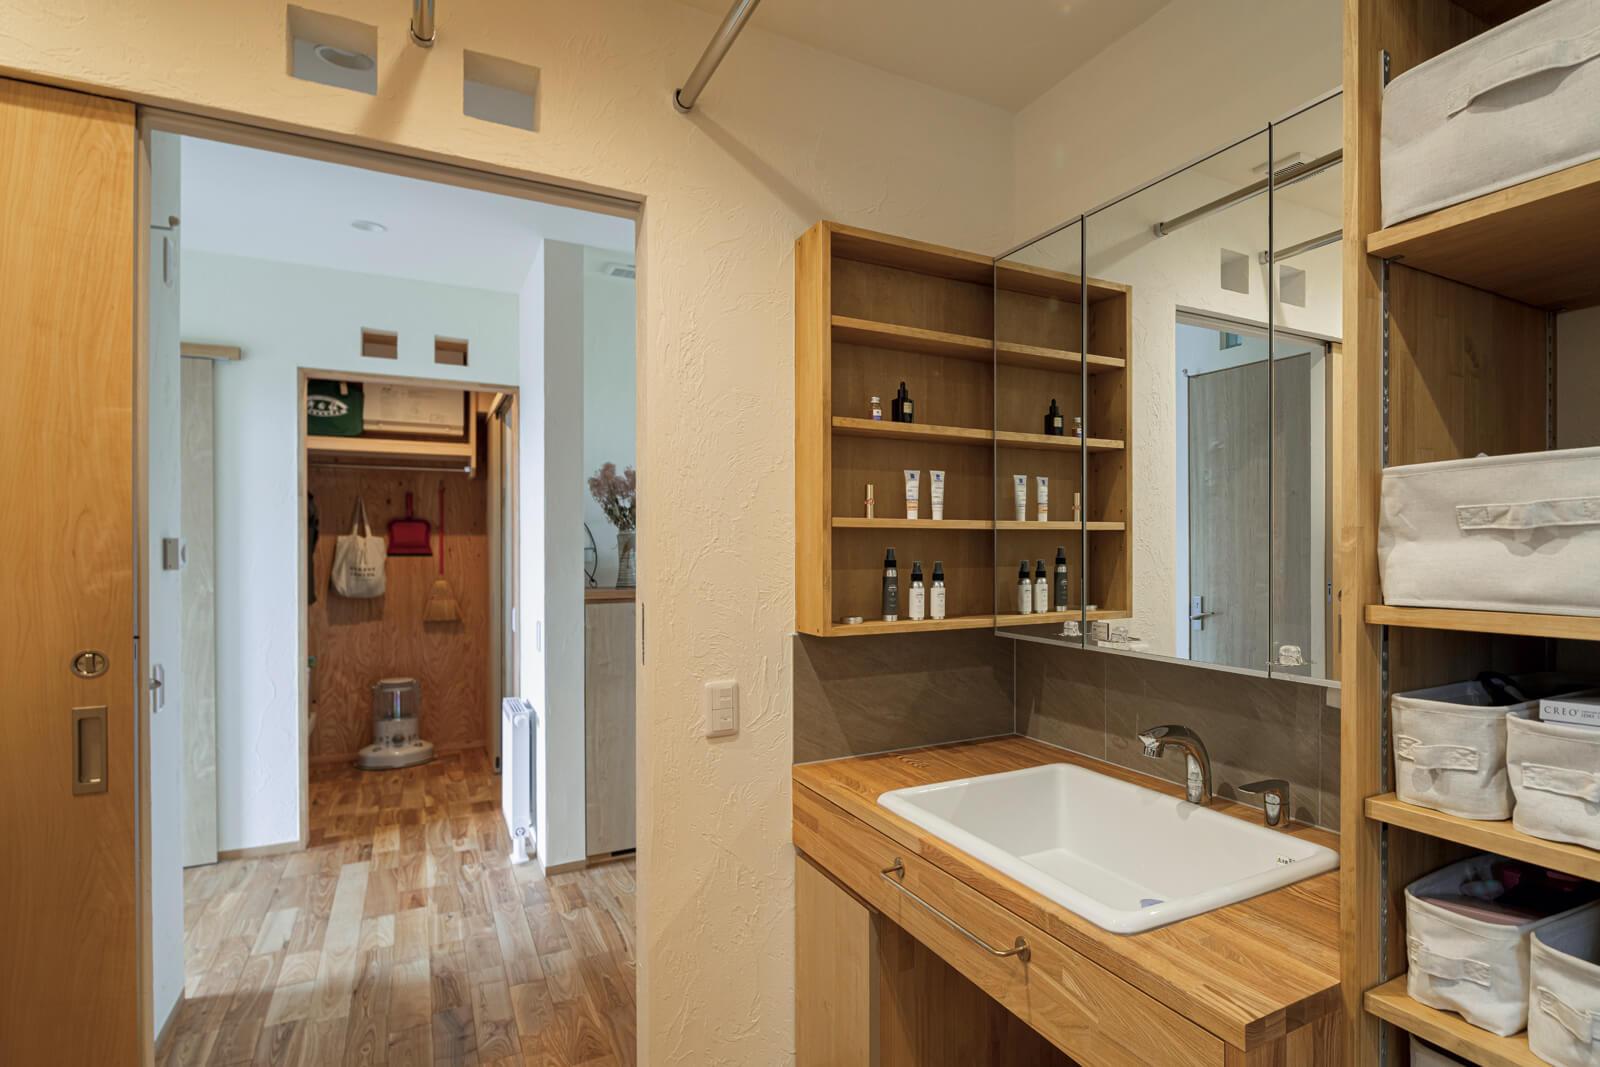 造作の洗面台は二人同時に使用しても圧迫感のない広さで収納力も抜群